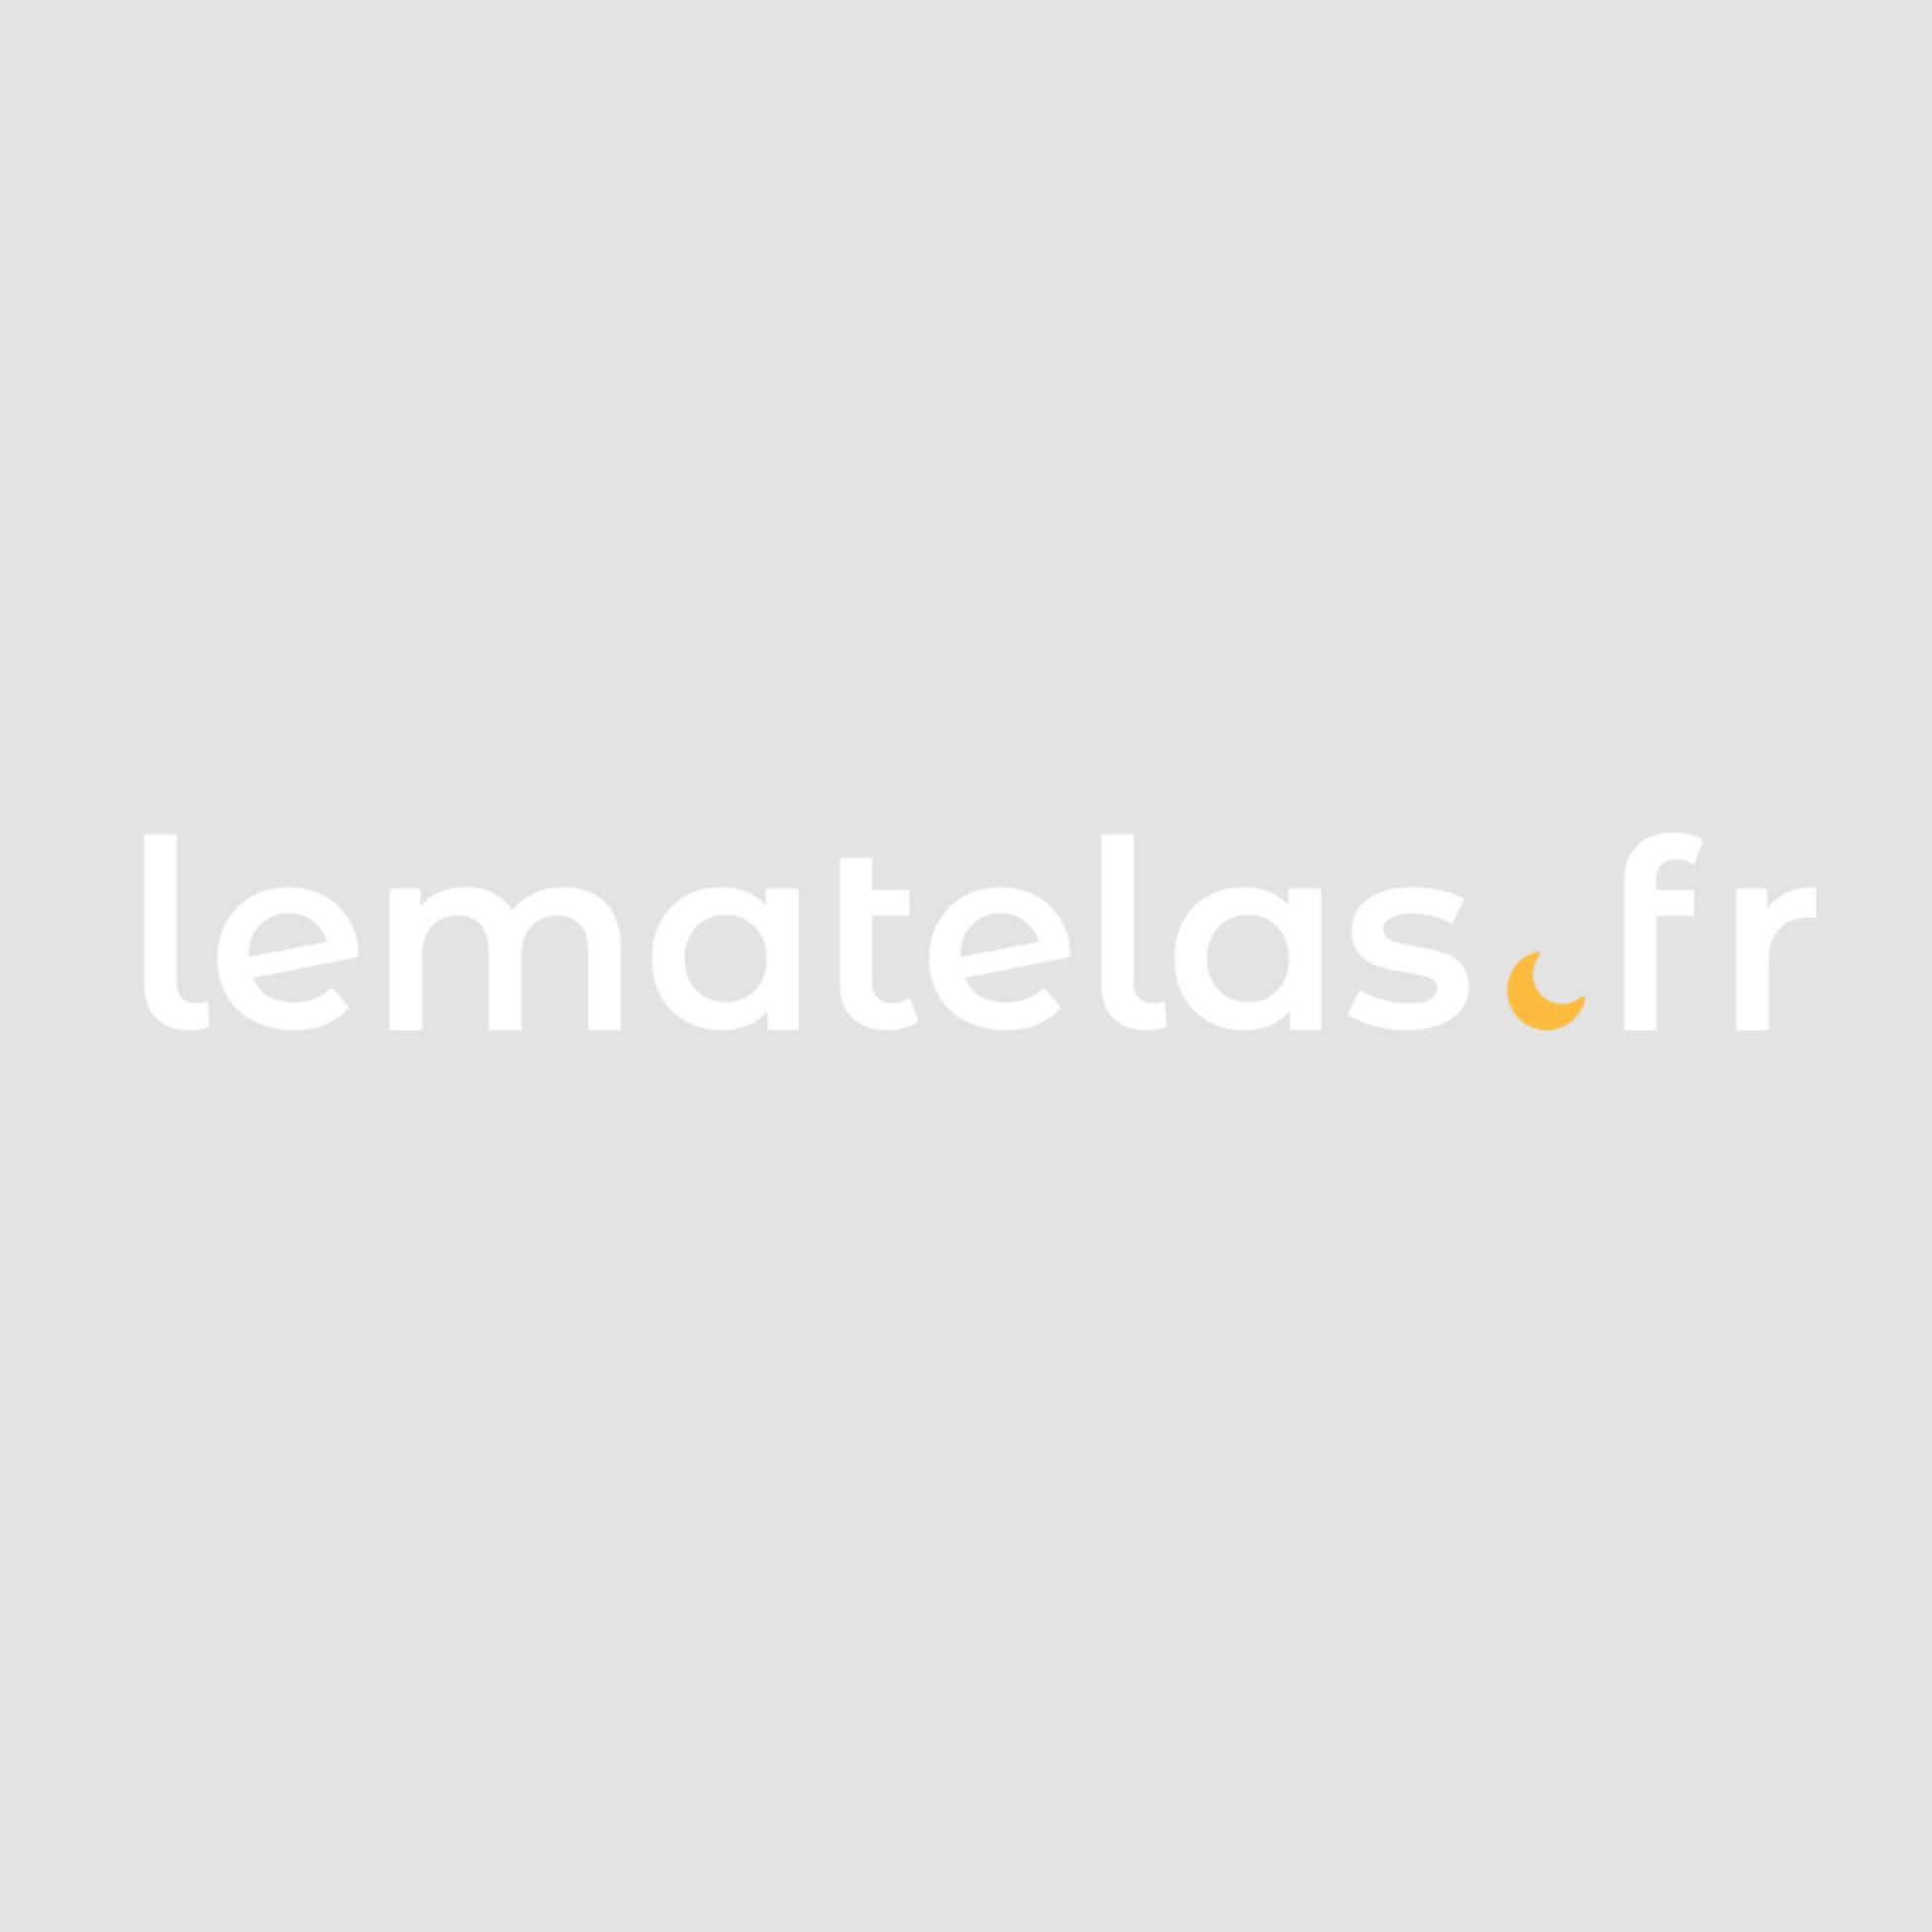 Terre de Nuit Drap housse vert jade TPR jersey extensible 2x80x200